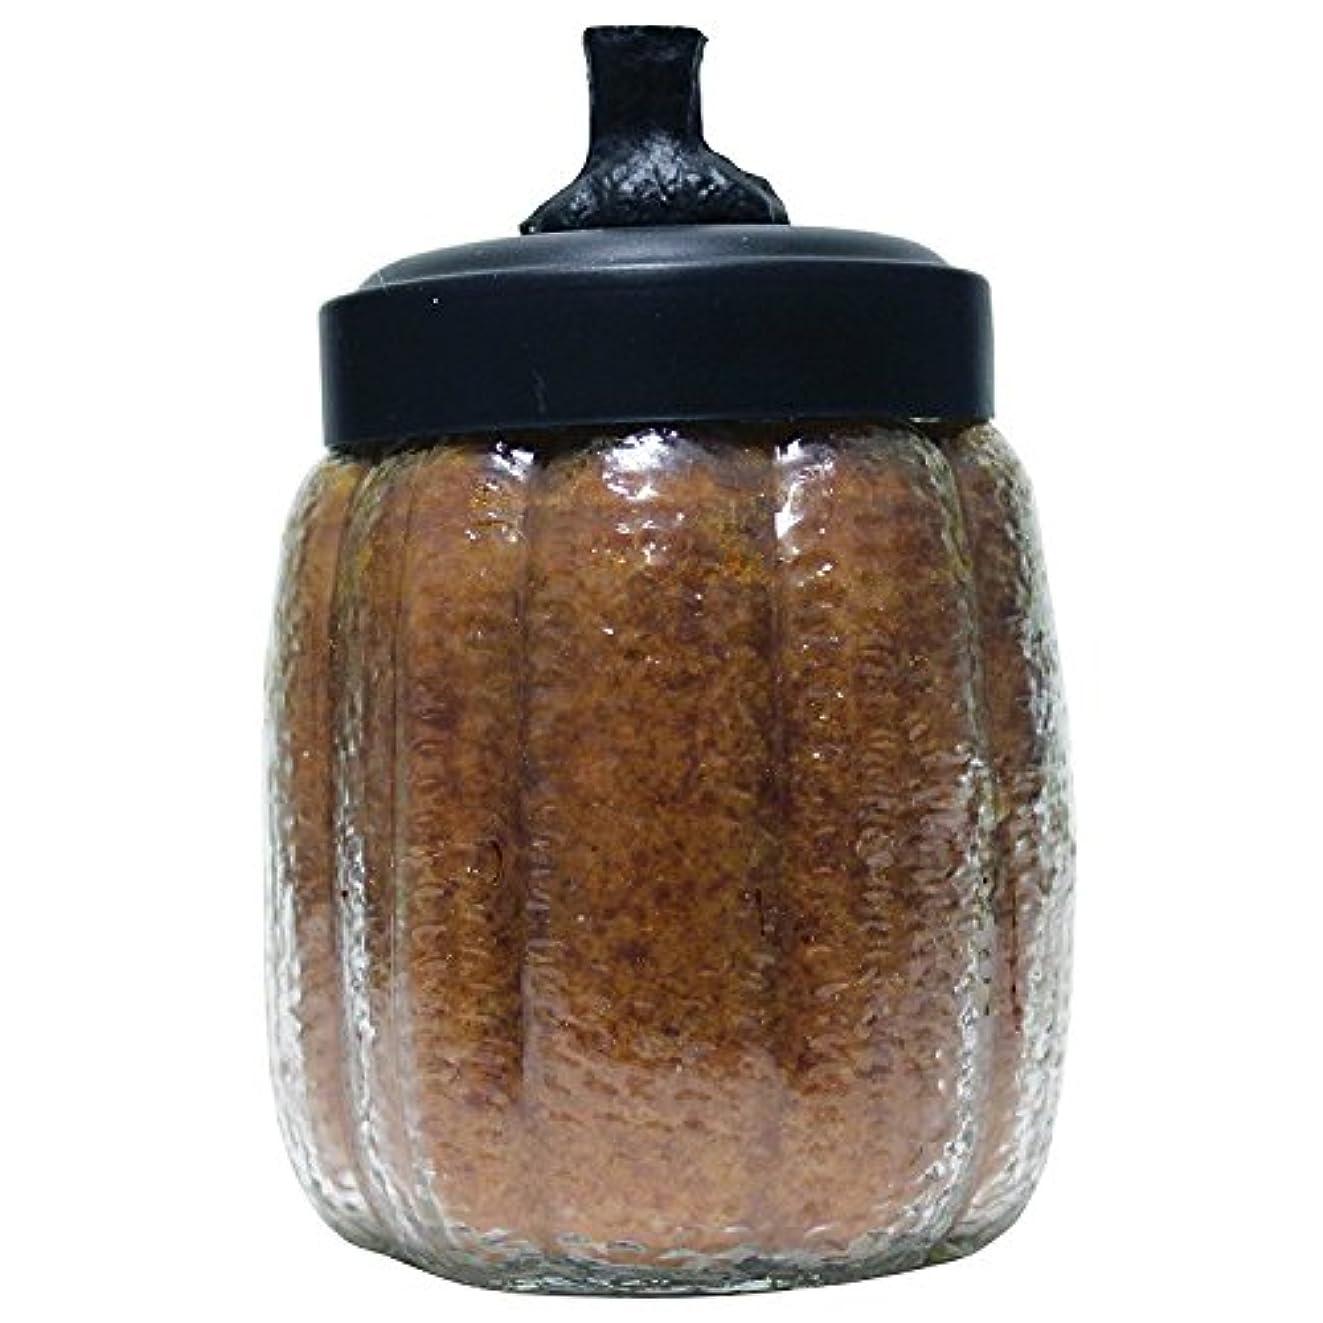 番目ダイエット彼A Cheerful Giver Papa's Pumpkin Pie Pumpkin Jar Candle, 15-Ounce by Cheerful Giver [並行輸入品]